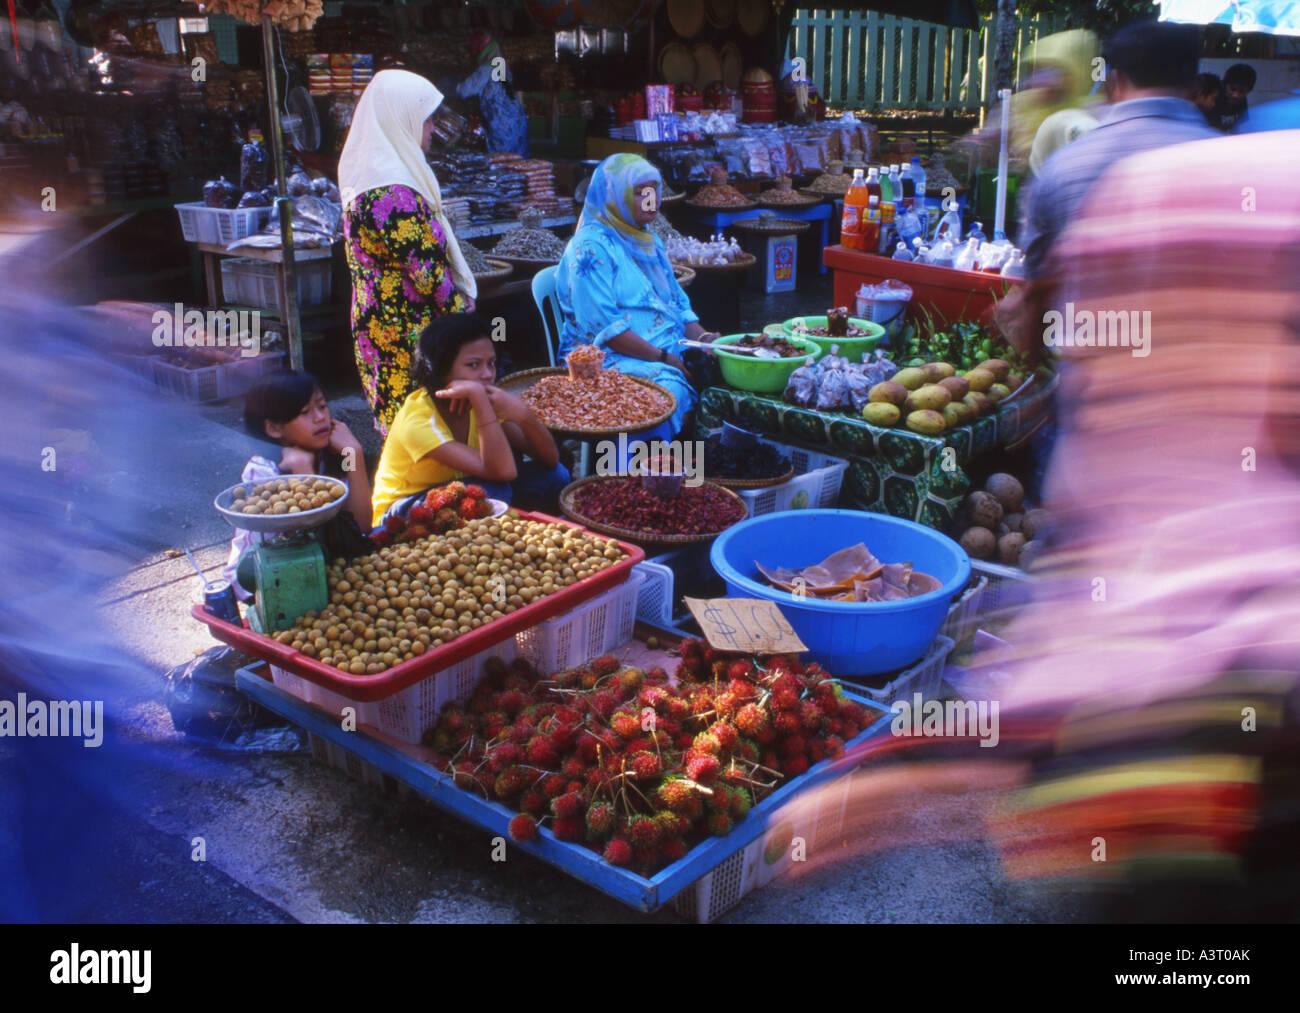 Muslim women at the Market in Bandar Seri Begawan Brunei - Stock Image